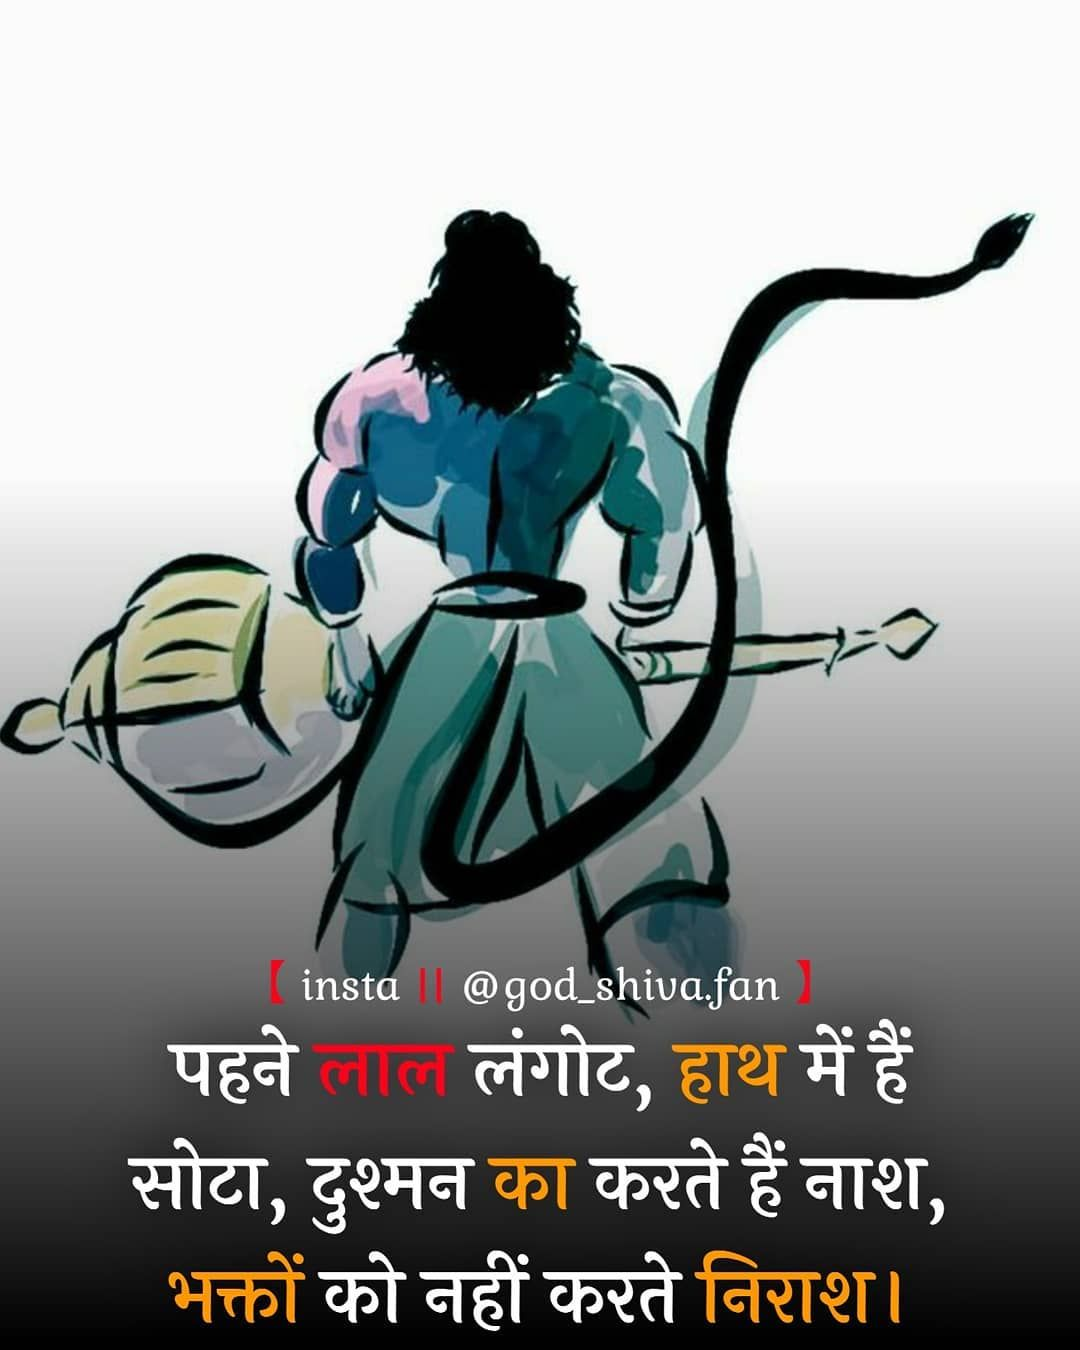 Follow your god family god_shivafan god_shivafan